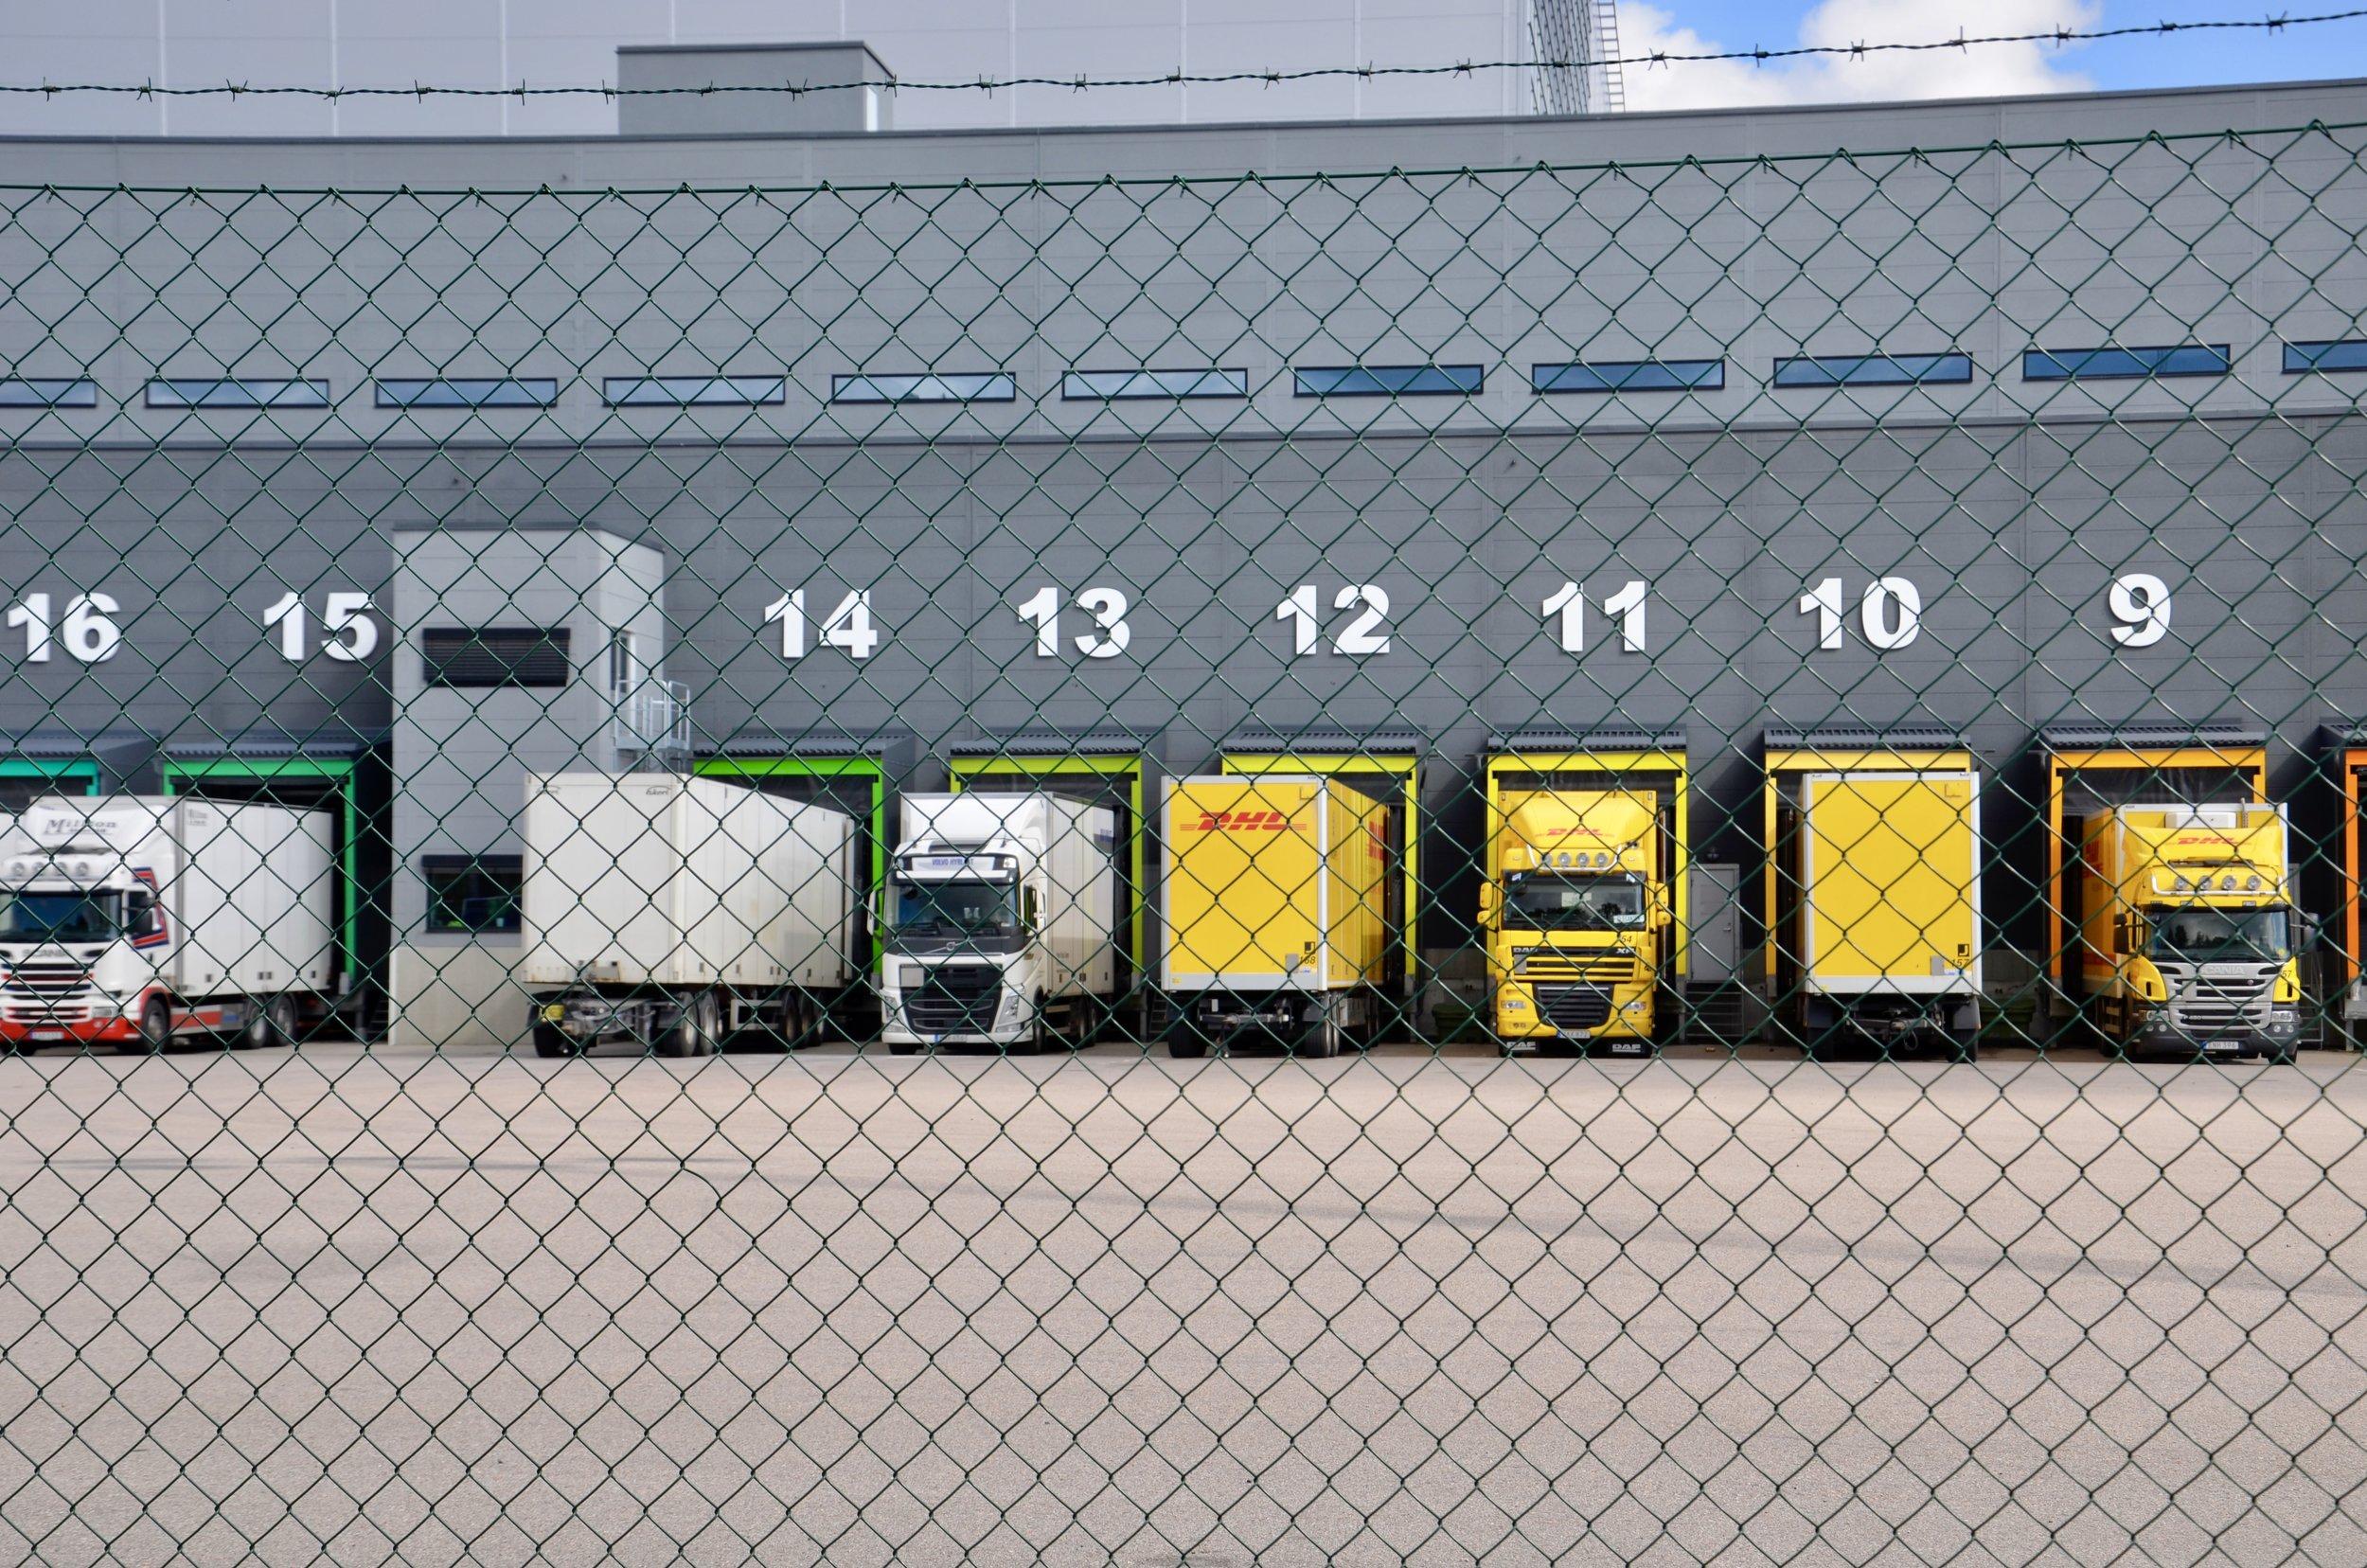 GODSTRAFIKEN - alla anonyma godstransporter  Vad innehåller de? Varifrån kommer de? Vart är de på väg?  Vi vill, genom att visa vad som transporteras och vilken nytta godset gör för Sverige, skapa opinion för satsningar på spårbunden godstrafik i inlandet.